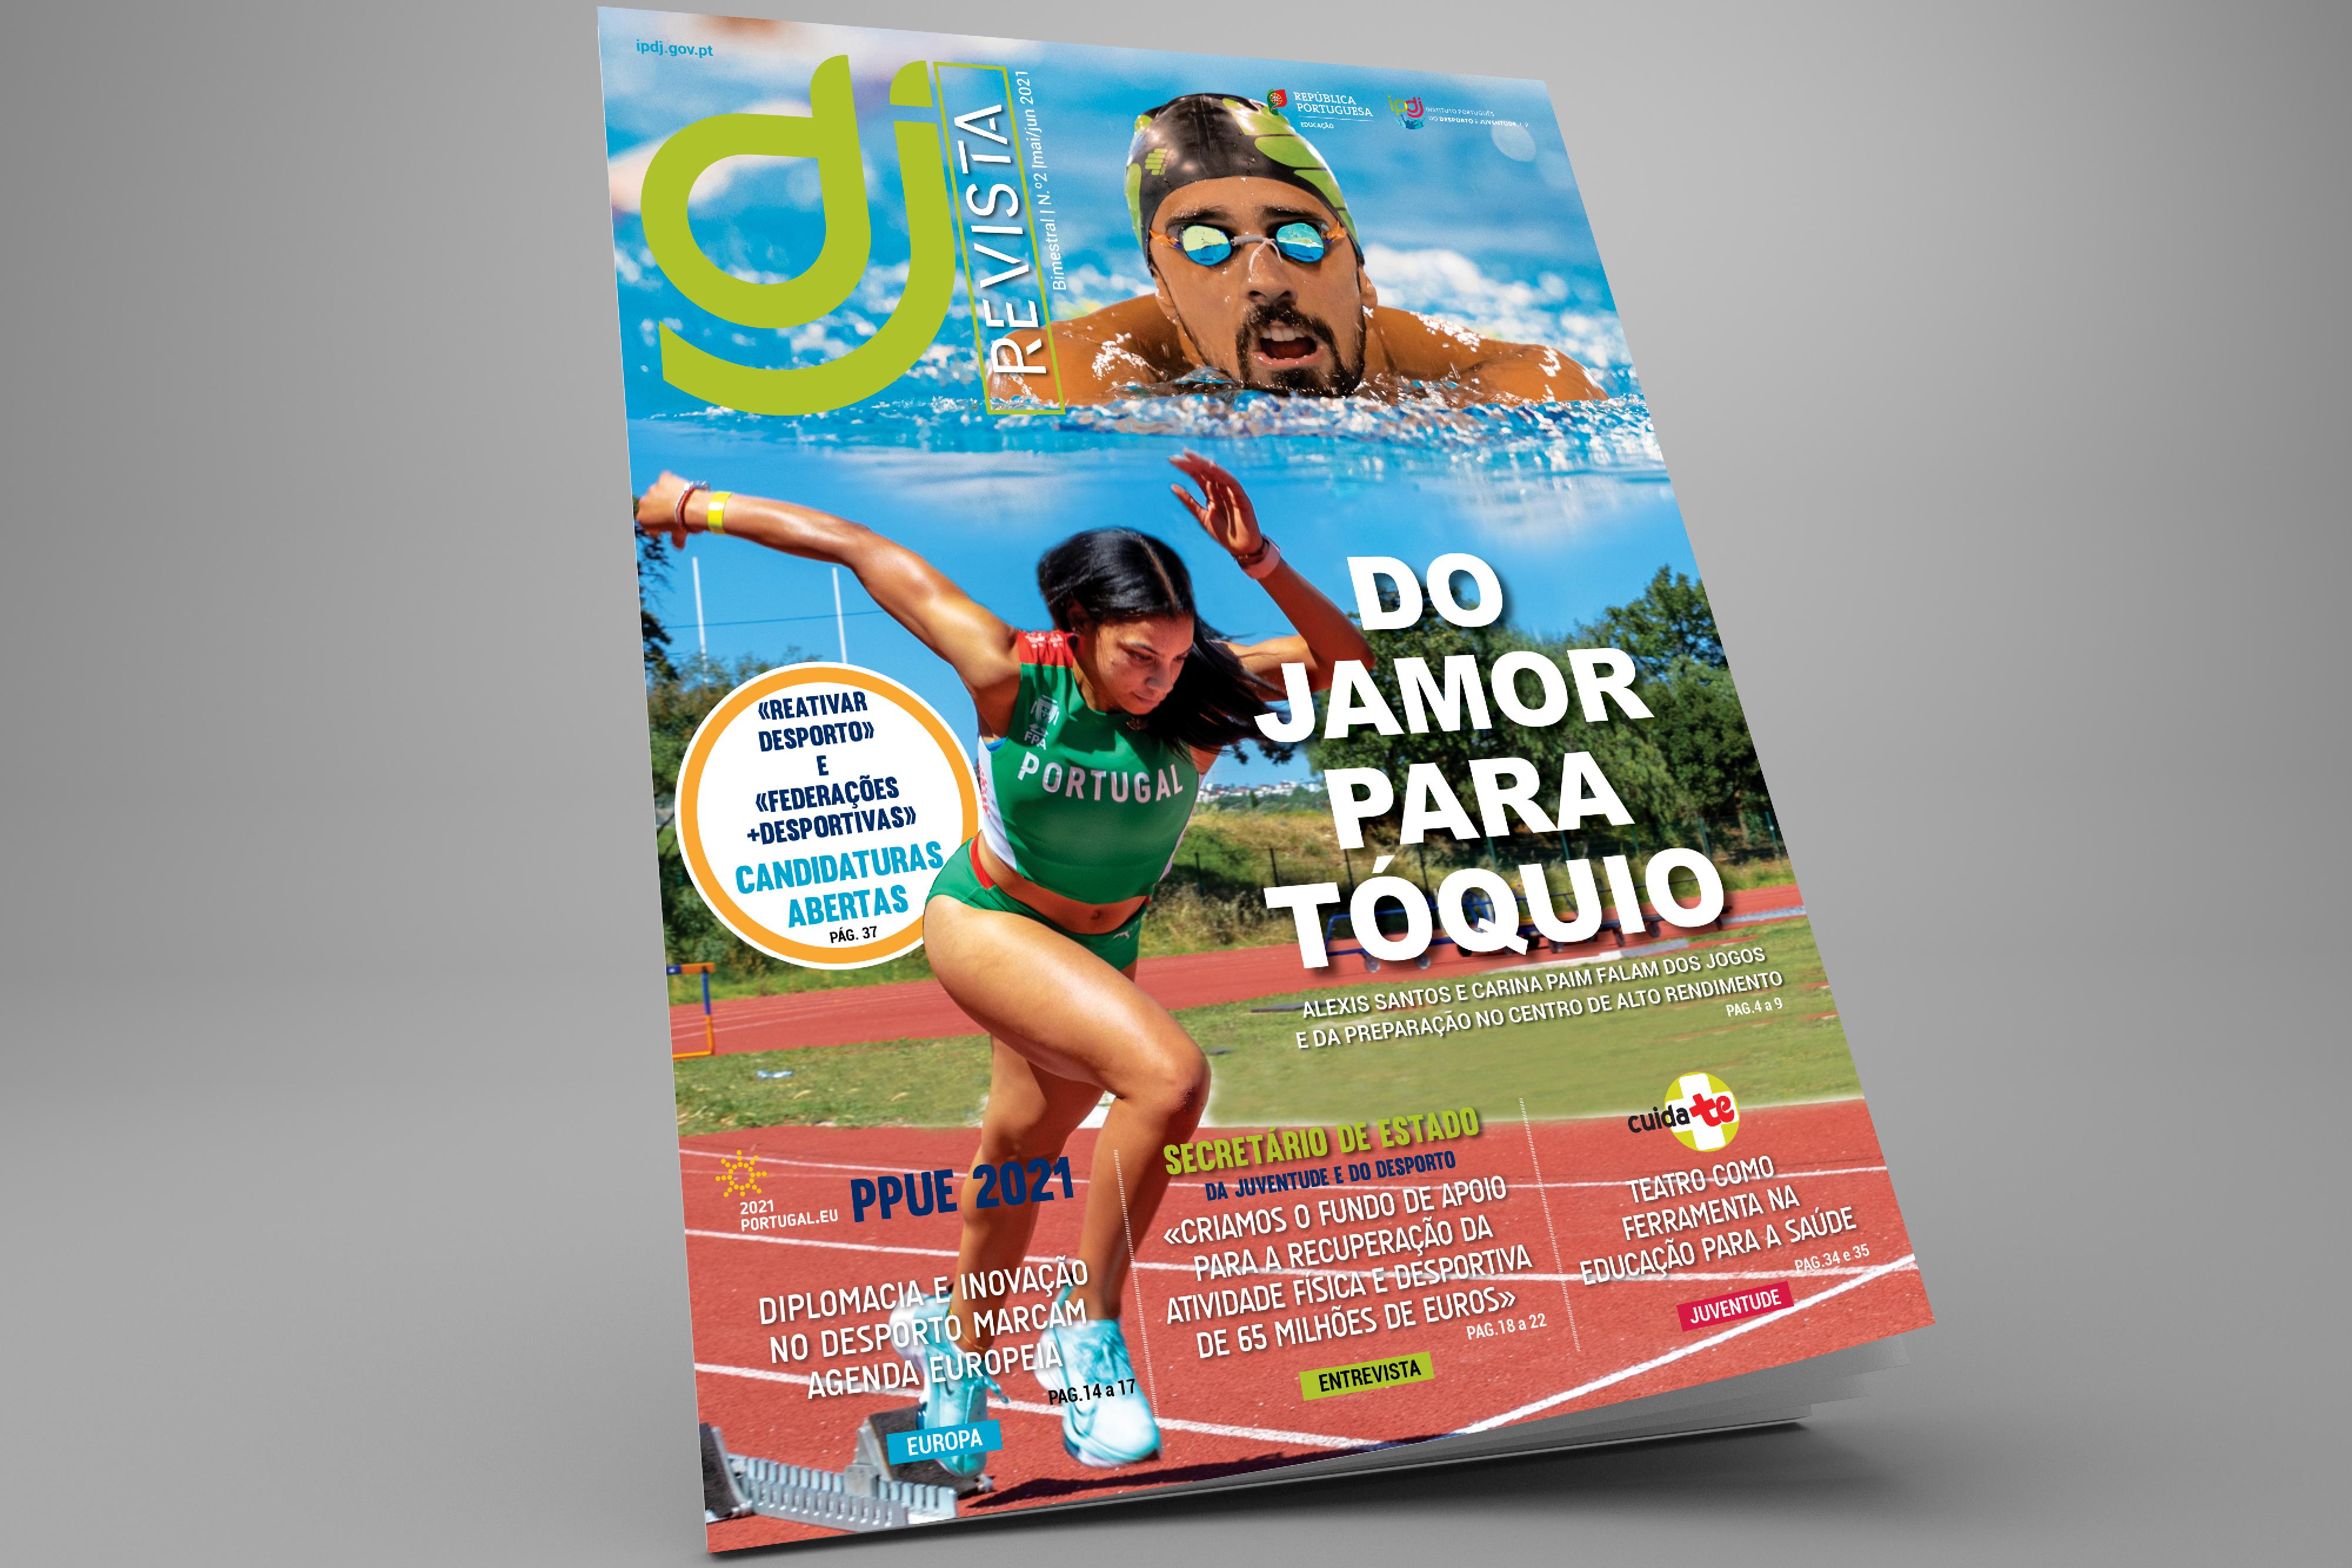 composição fotográfica com o nadador Alexis Santos e a atleta Carina Paim